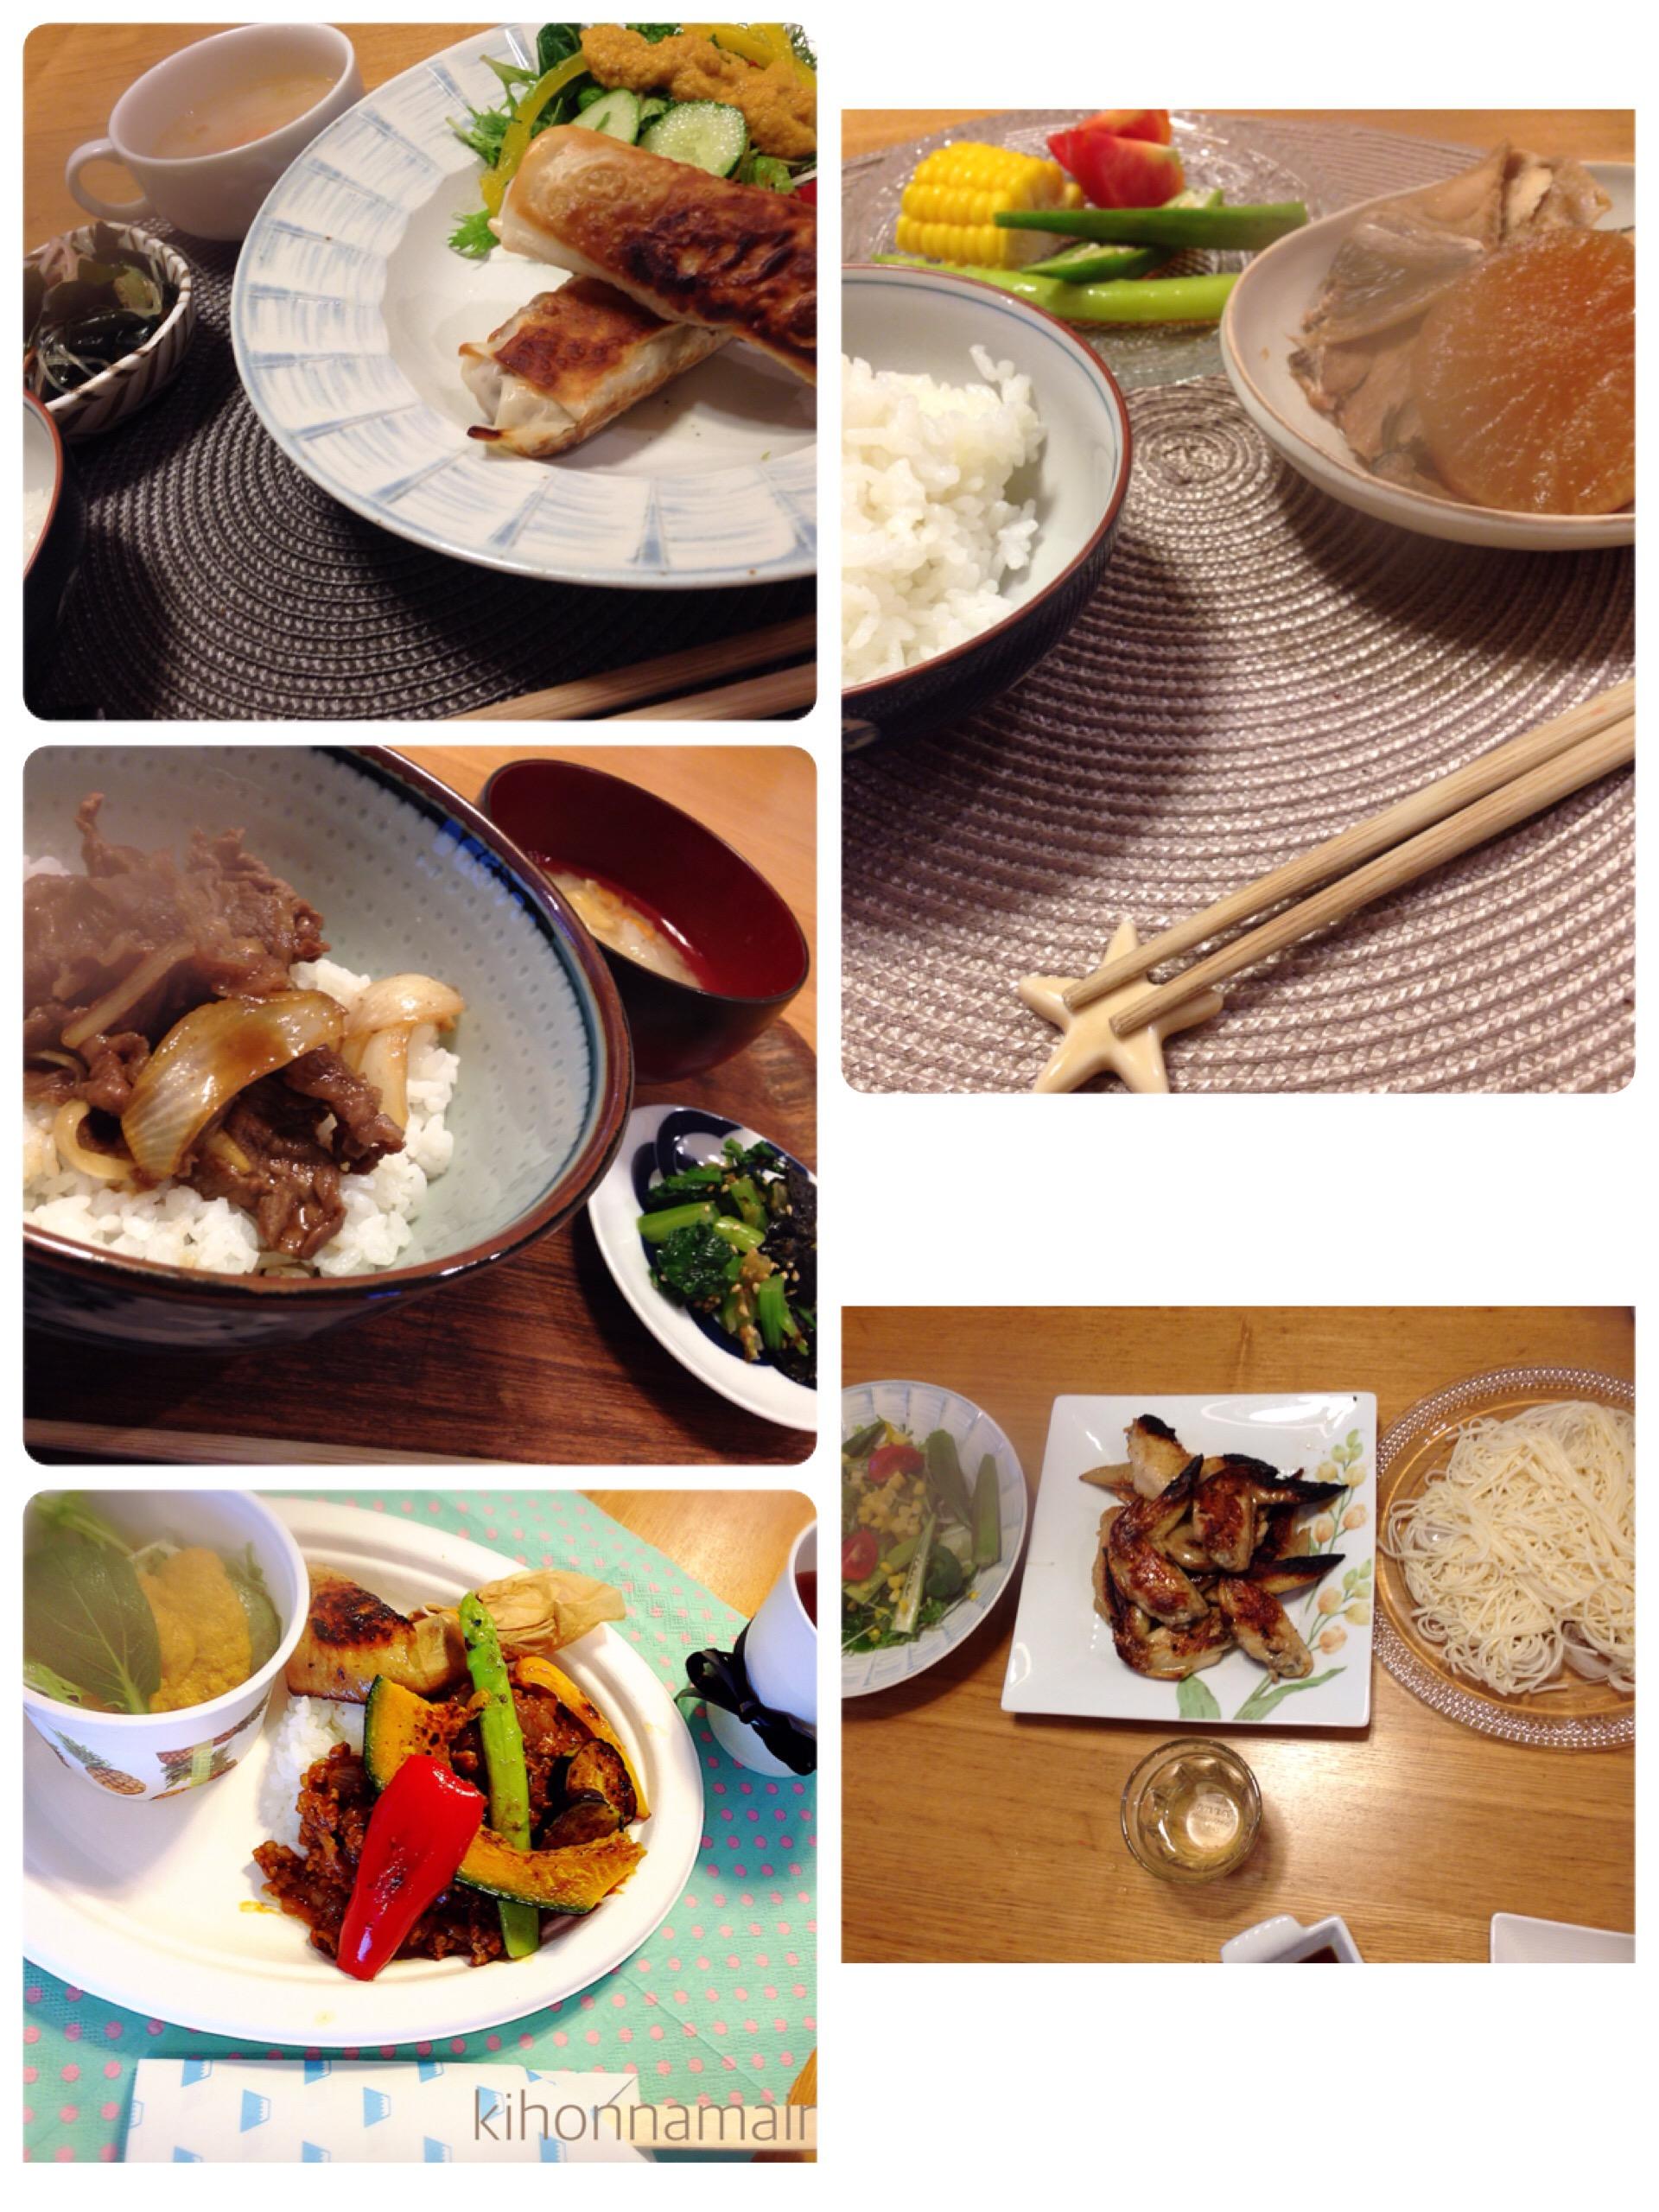 1週間献立!家族4人!夏は生野菜を美味しく食べたいっ!7/18~7/22